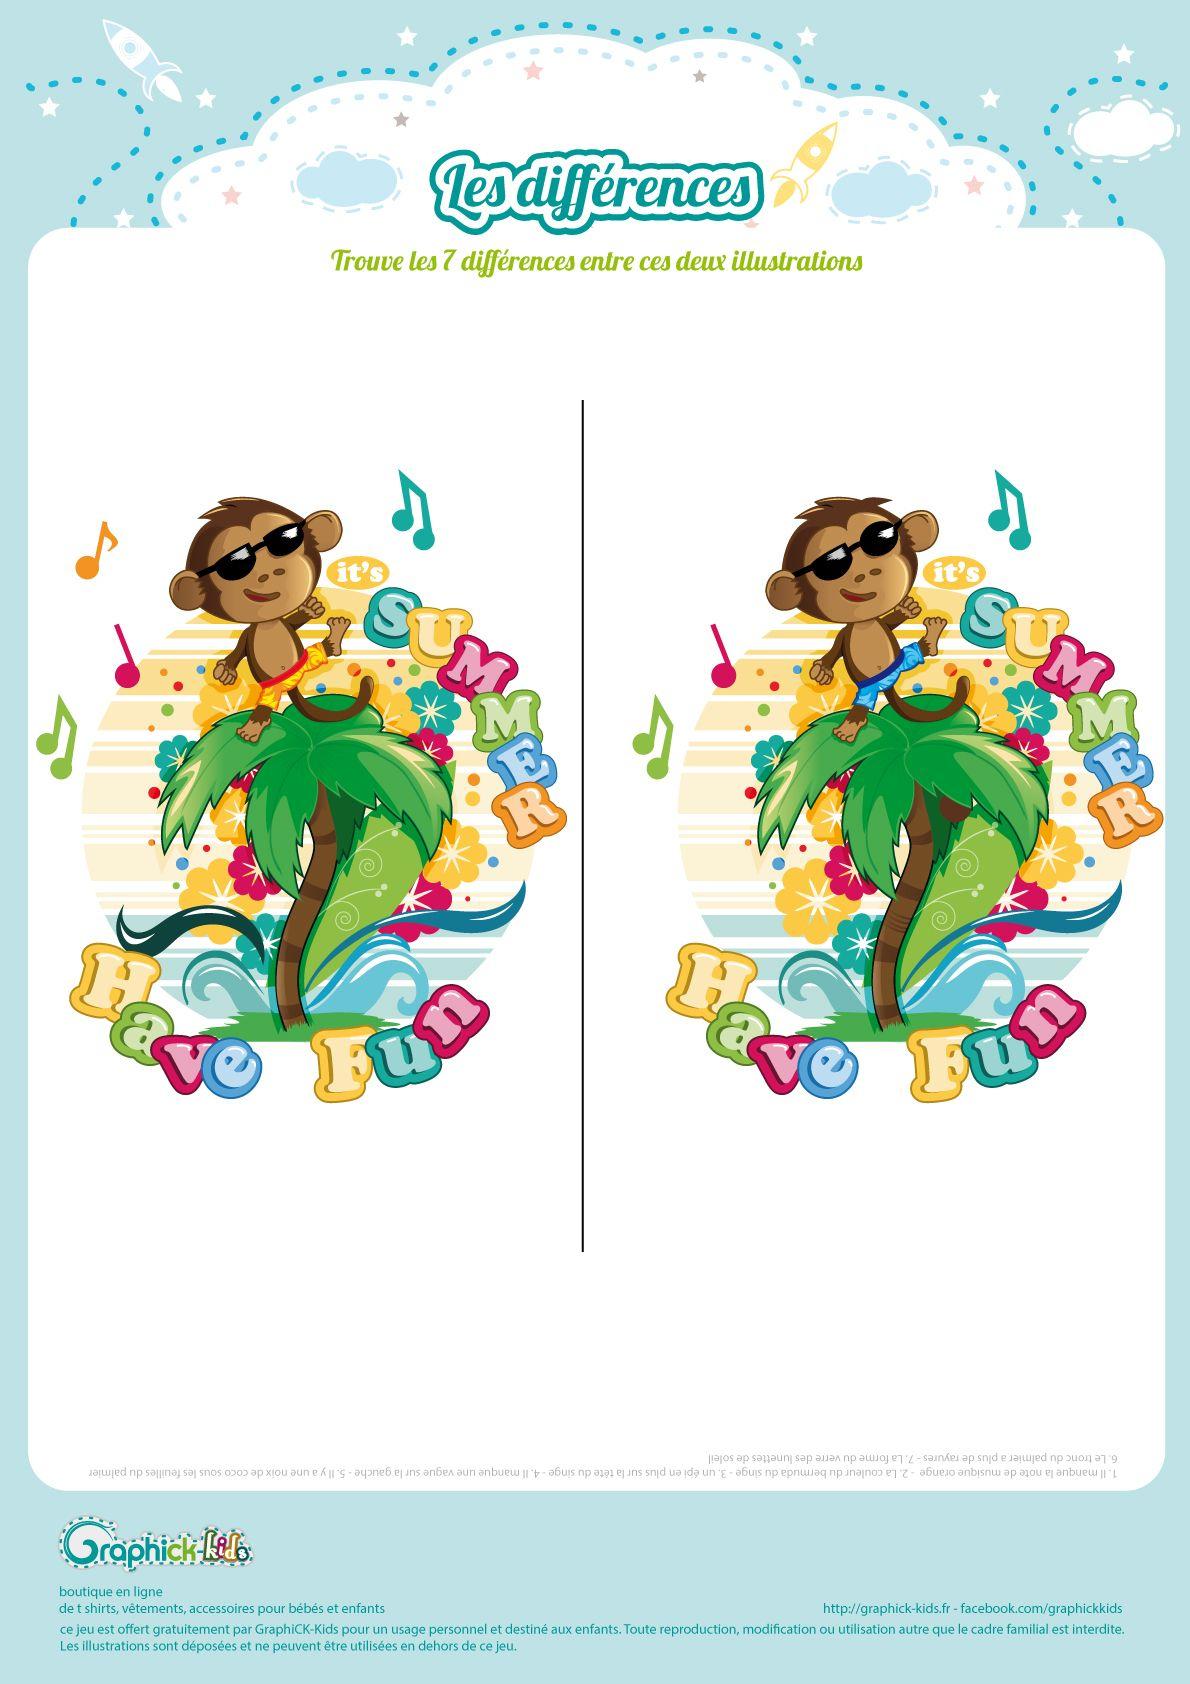 L'activité Du Mercredi : Les 7 Erreurs Du Petit Singe avec Jeux Des 7 Différences Gratuit